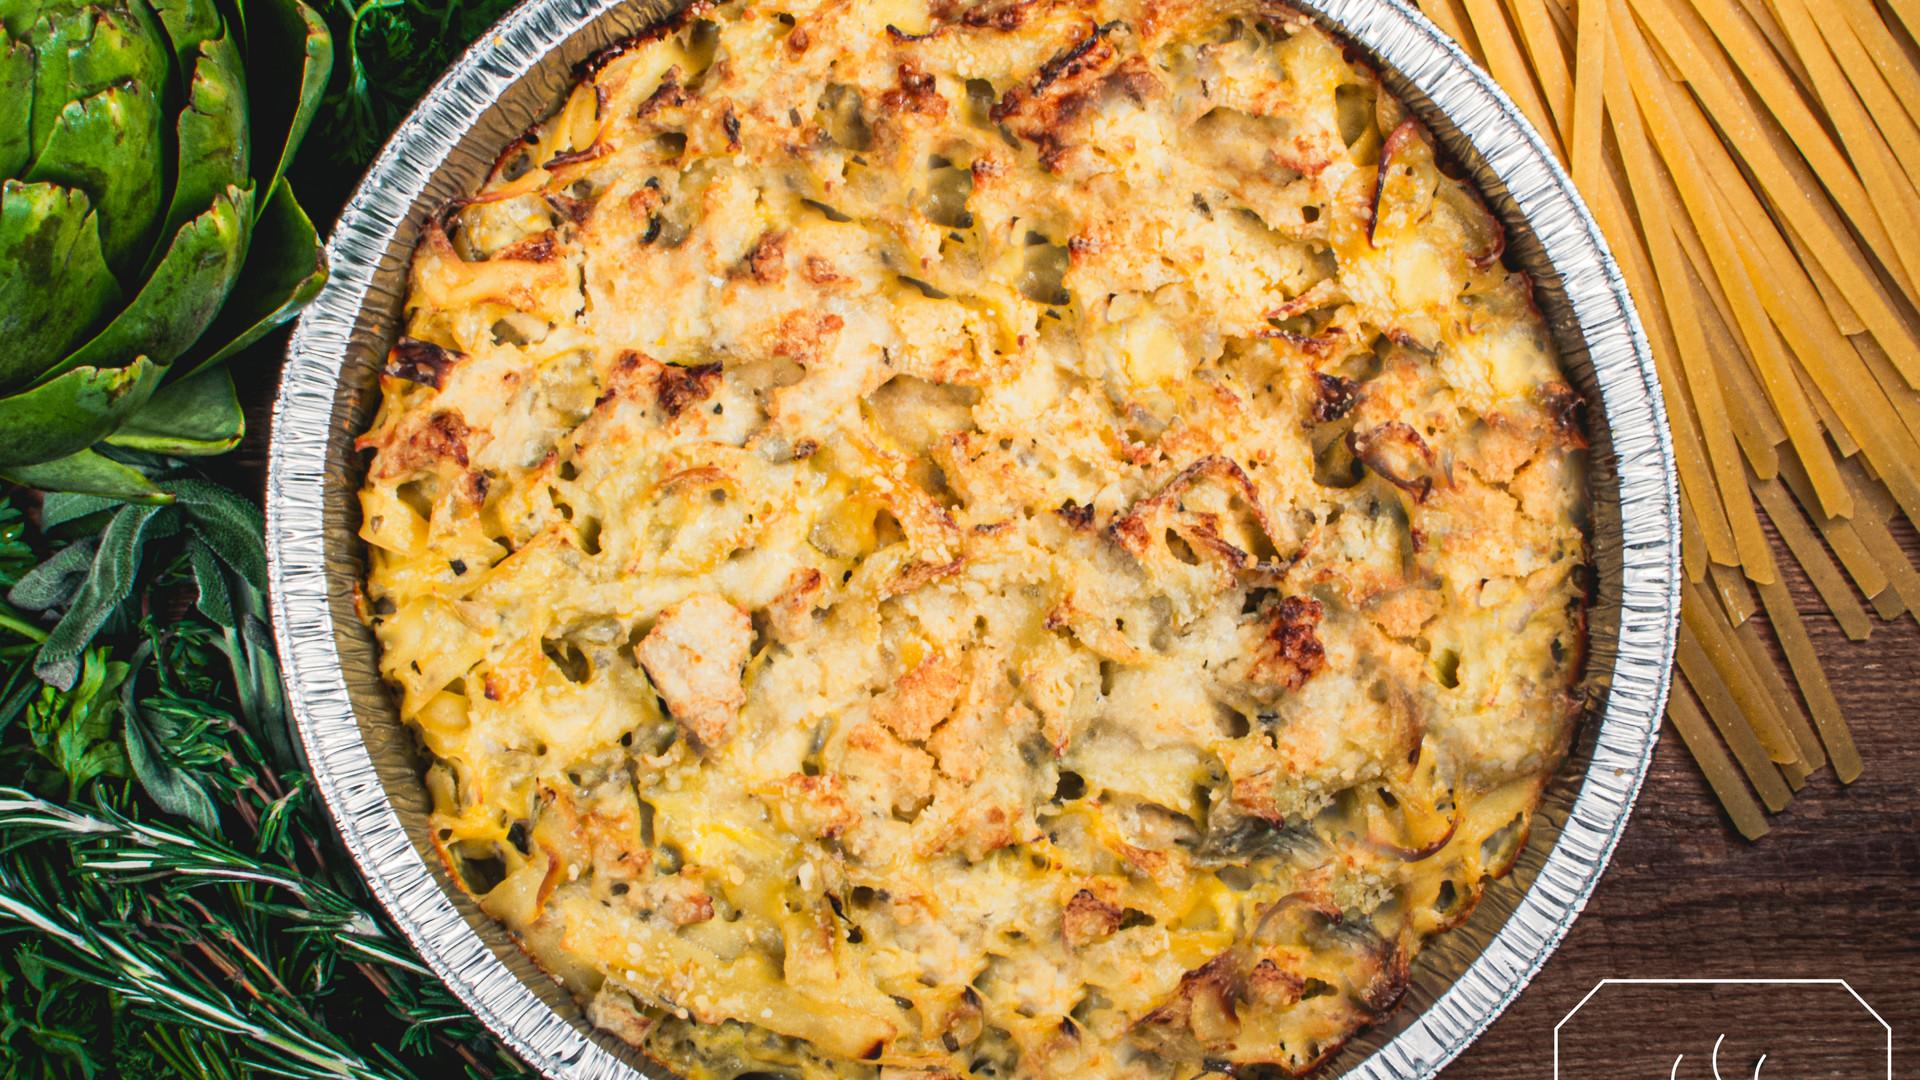 Chicken & Artichoke Casserole